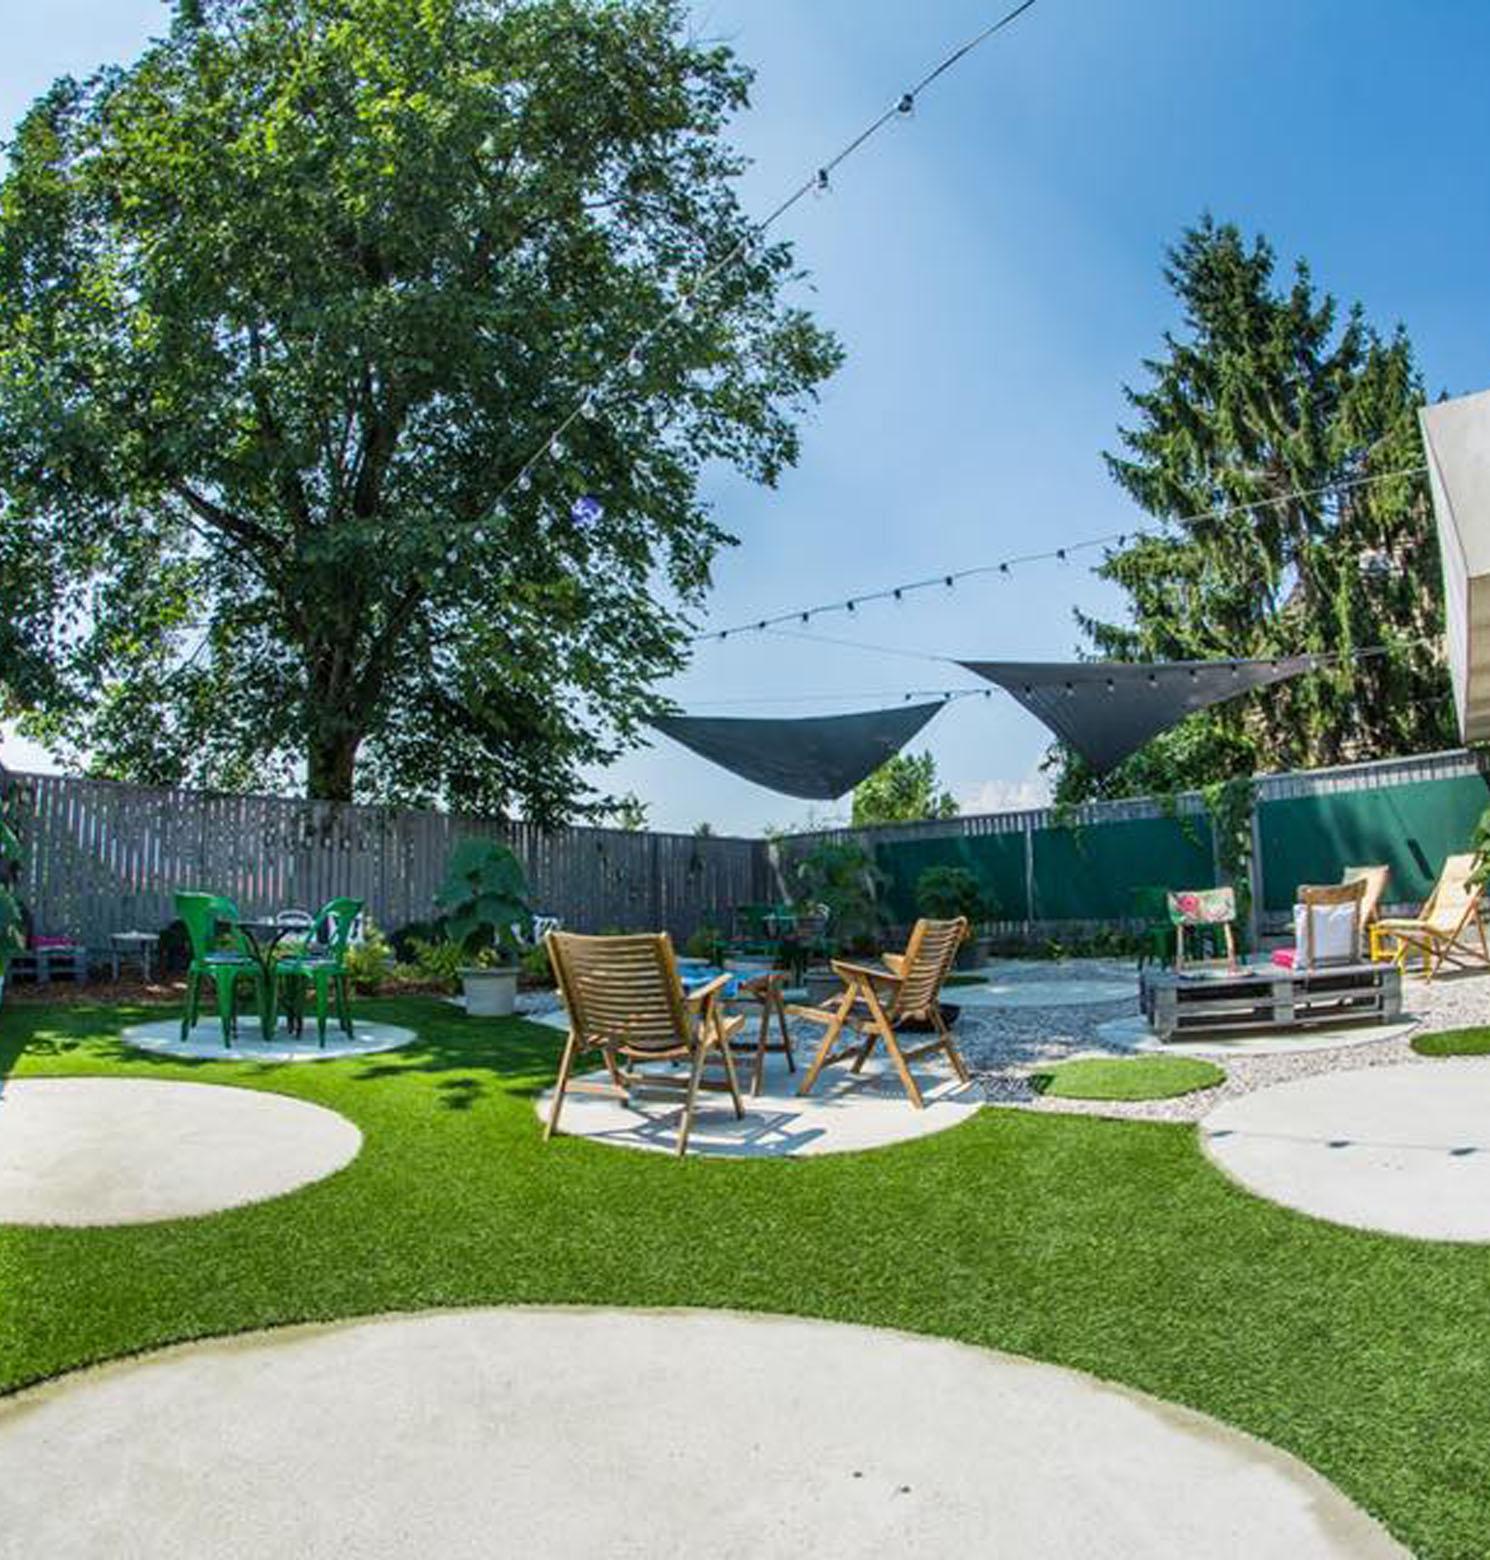 Prenova terase okolice